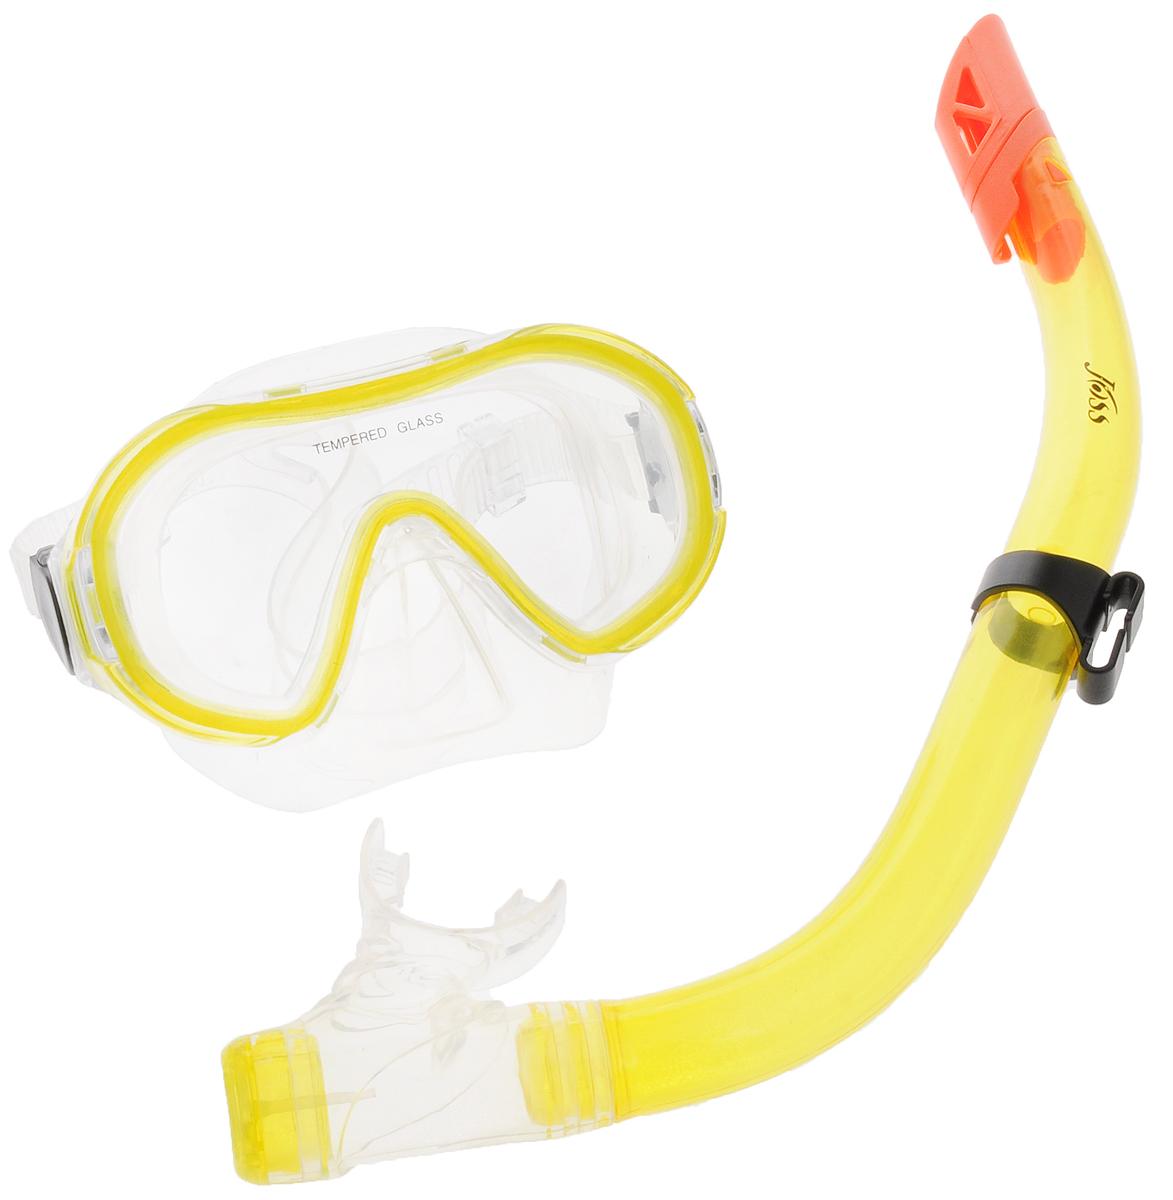 Набор для подводного плавания Joss, детский, цвет: прозрачный, желтый, оранжевый, 2 предметаM9620S-34Набор для подводного плавания и сноркелинга Joss состоит из маски и трубки. Маска с маленьким подмасочным объемом, выполненная из пластика и силикона, надежно фиксируется регулируемым ремешком с пряжками и обеспечивает хороший обзор. Линзы изготовлены из закаленного стекла. Гидродинамическая конструкция трубки позволяет легко дышать под водой. Трубка оснащена клапаном для легкого и быстрого освобождения от воды. Волноотбойник предназначен для защиты трубки от попадания воды через край.Набор для плавания Joss станет прекрасным дополнением к ластам.